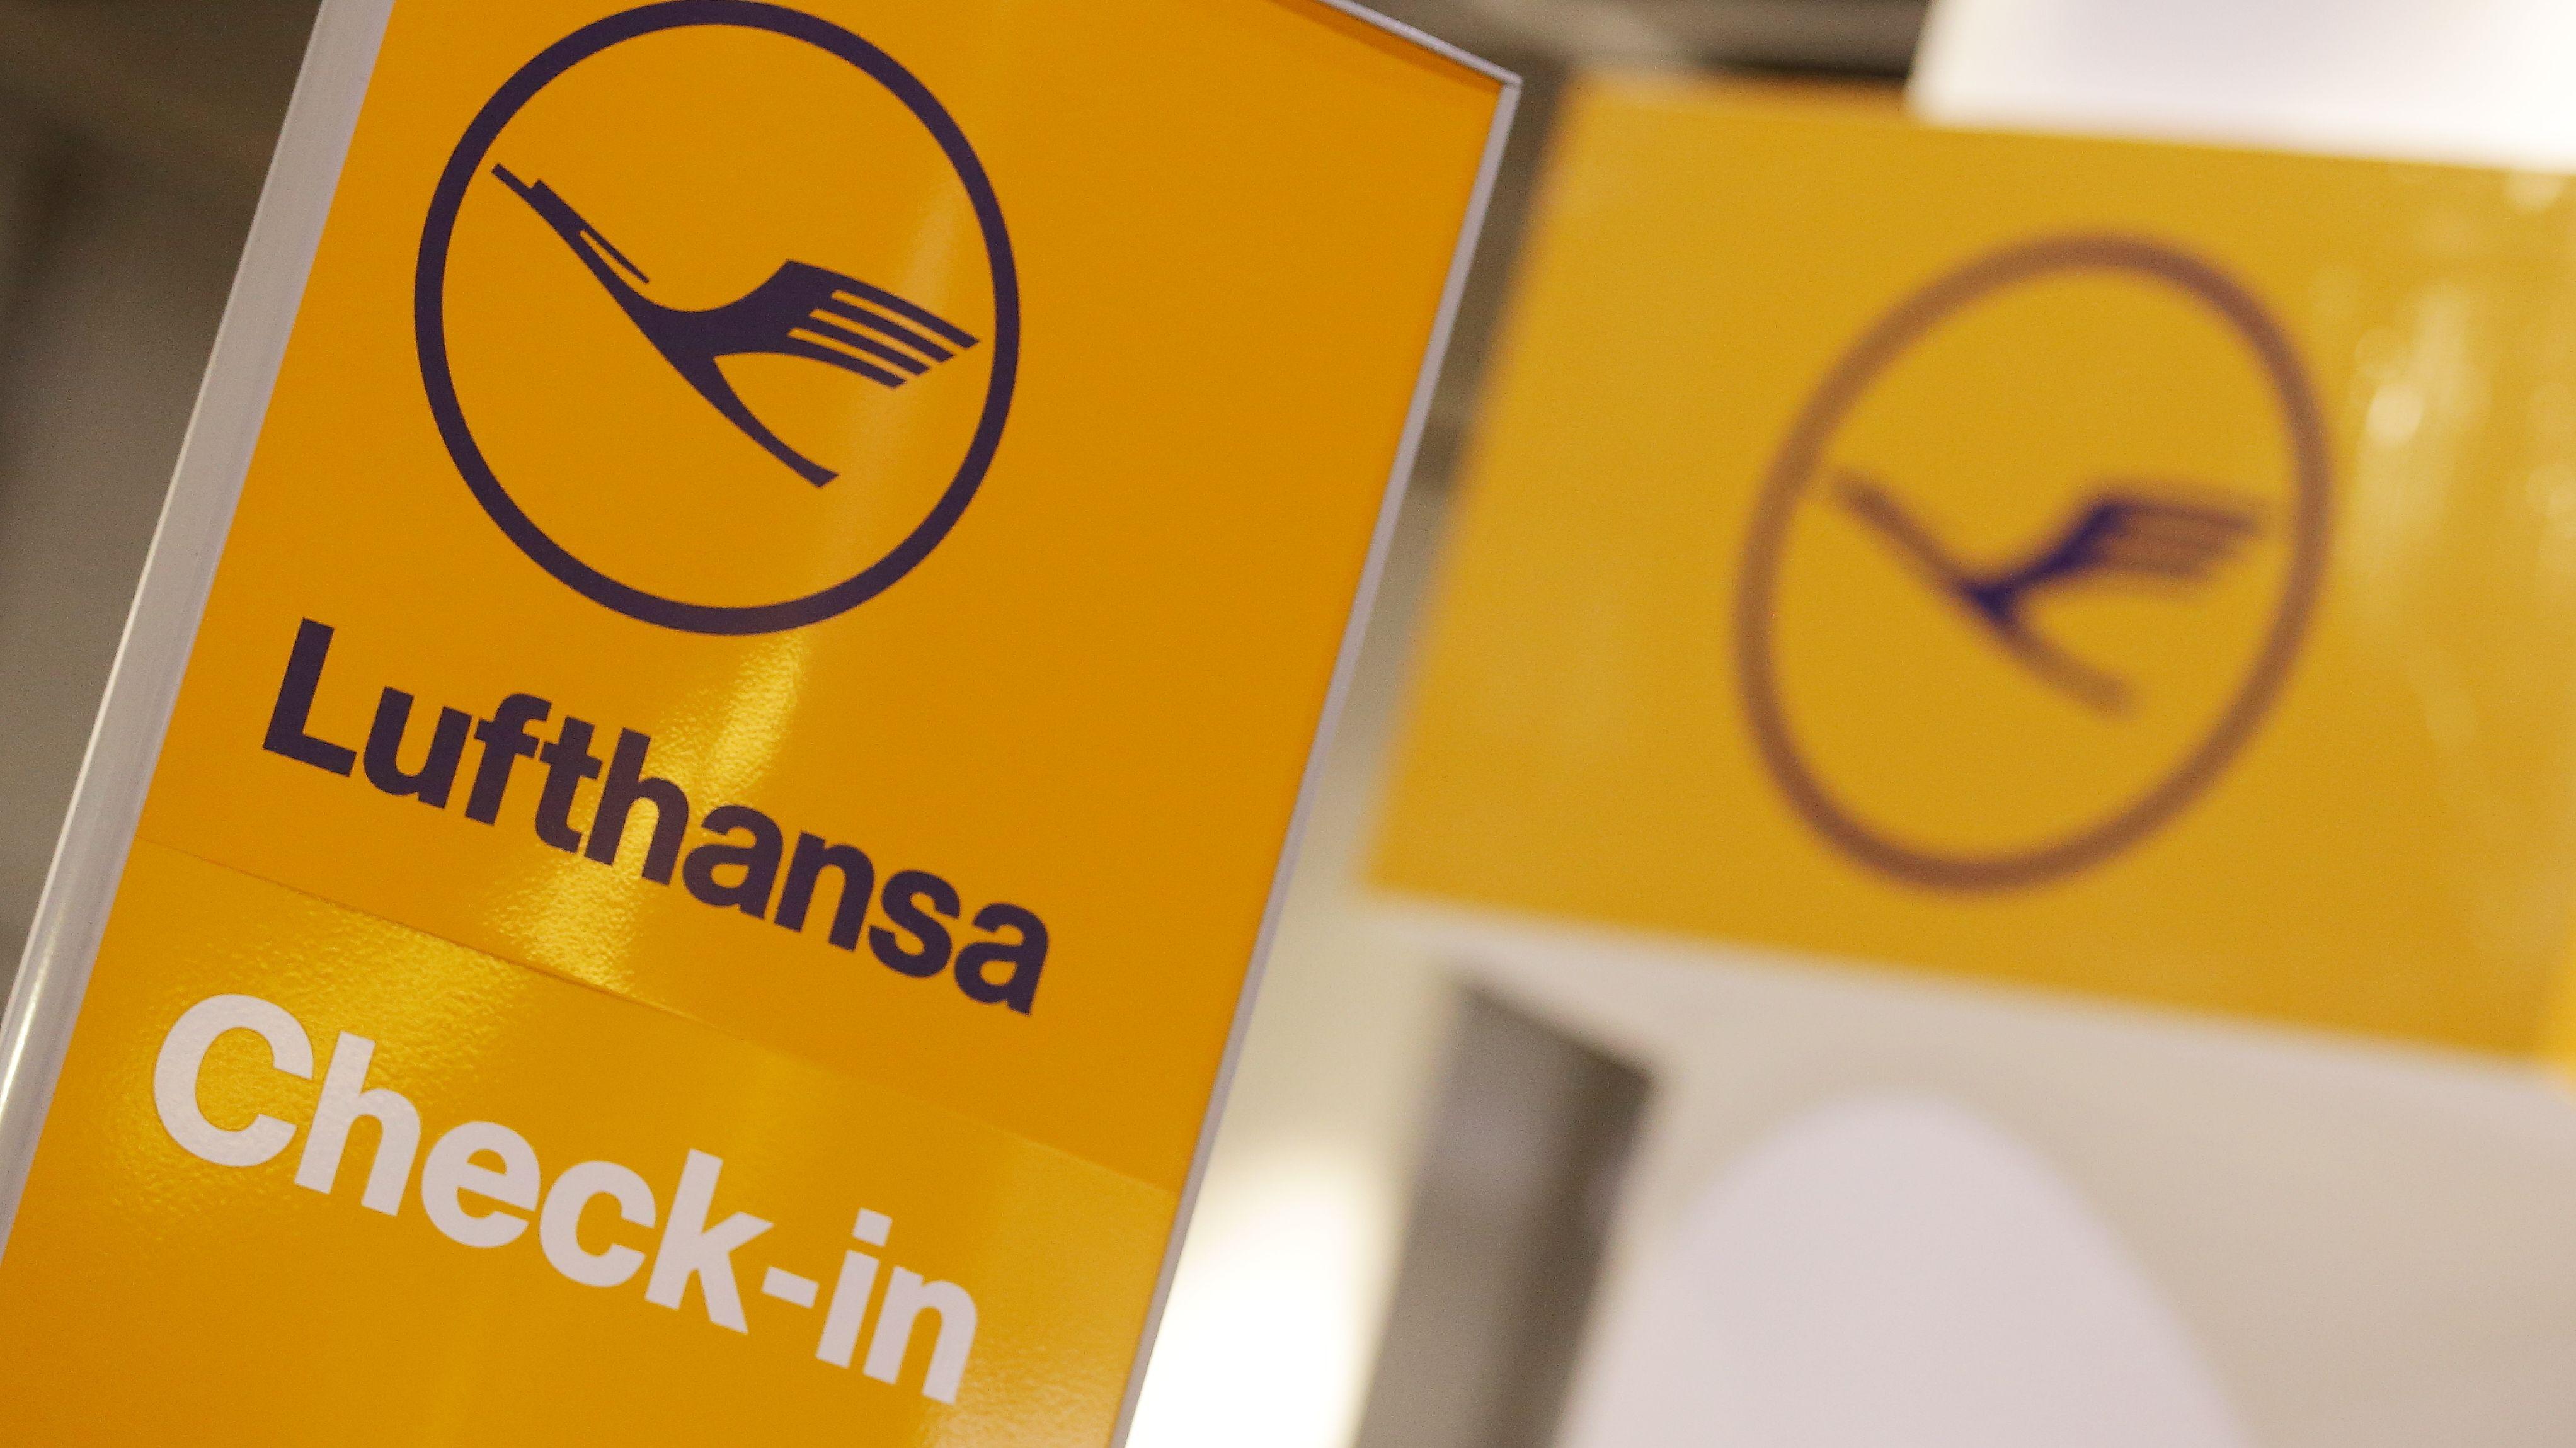 Zwei Lufthansa Schilder